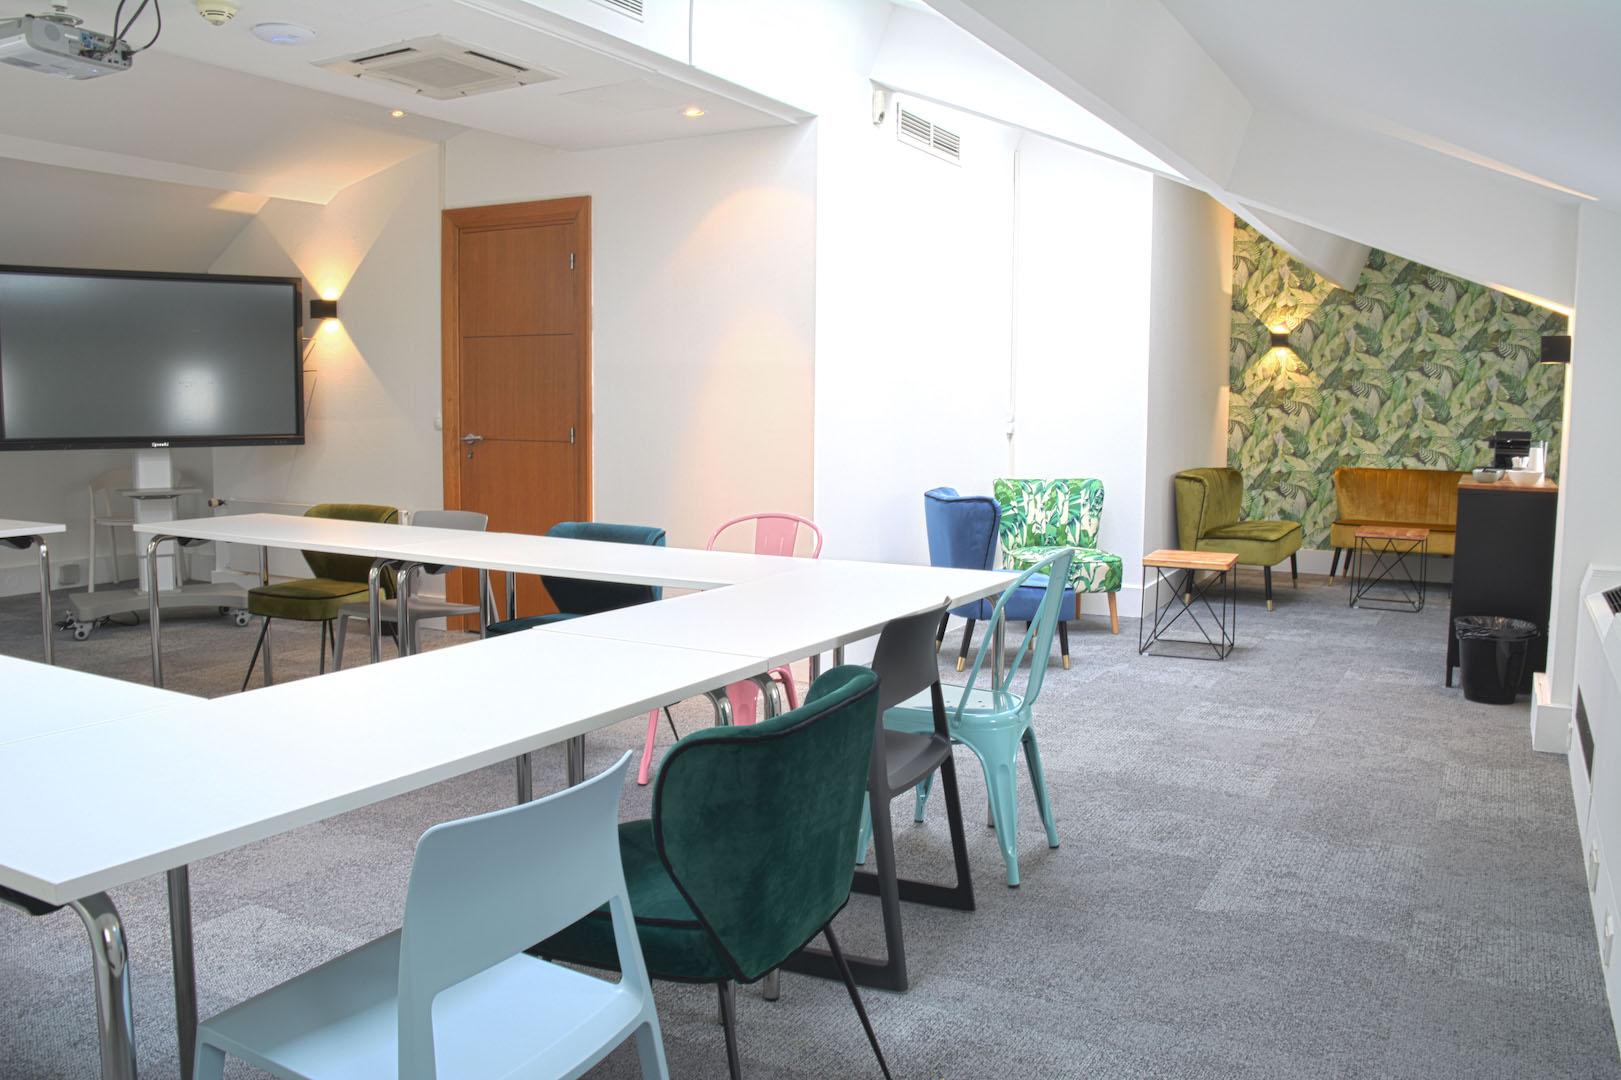 salle de réunion pour plus de quinze personnes dans une salle spacieuse et bien décoré disposant d'une télé écran plat, d'un vidéoprojecteur, d'une cafetière et d'un coin détente à louer à Paris